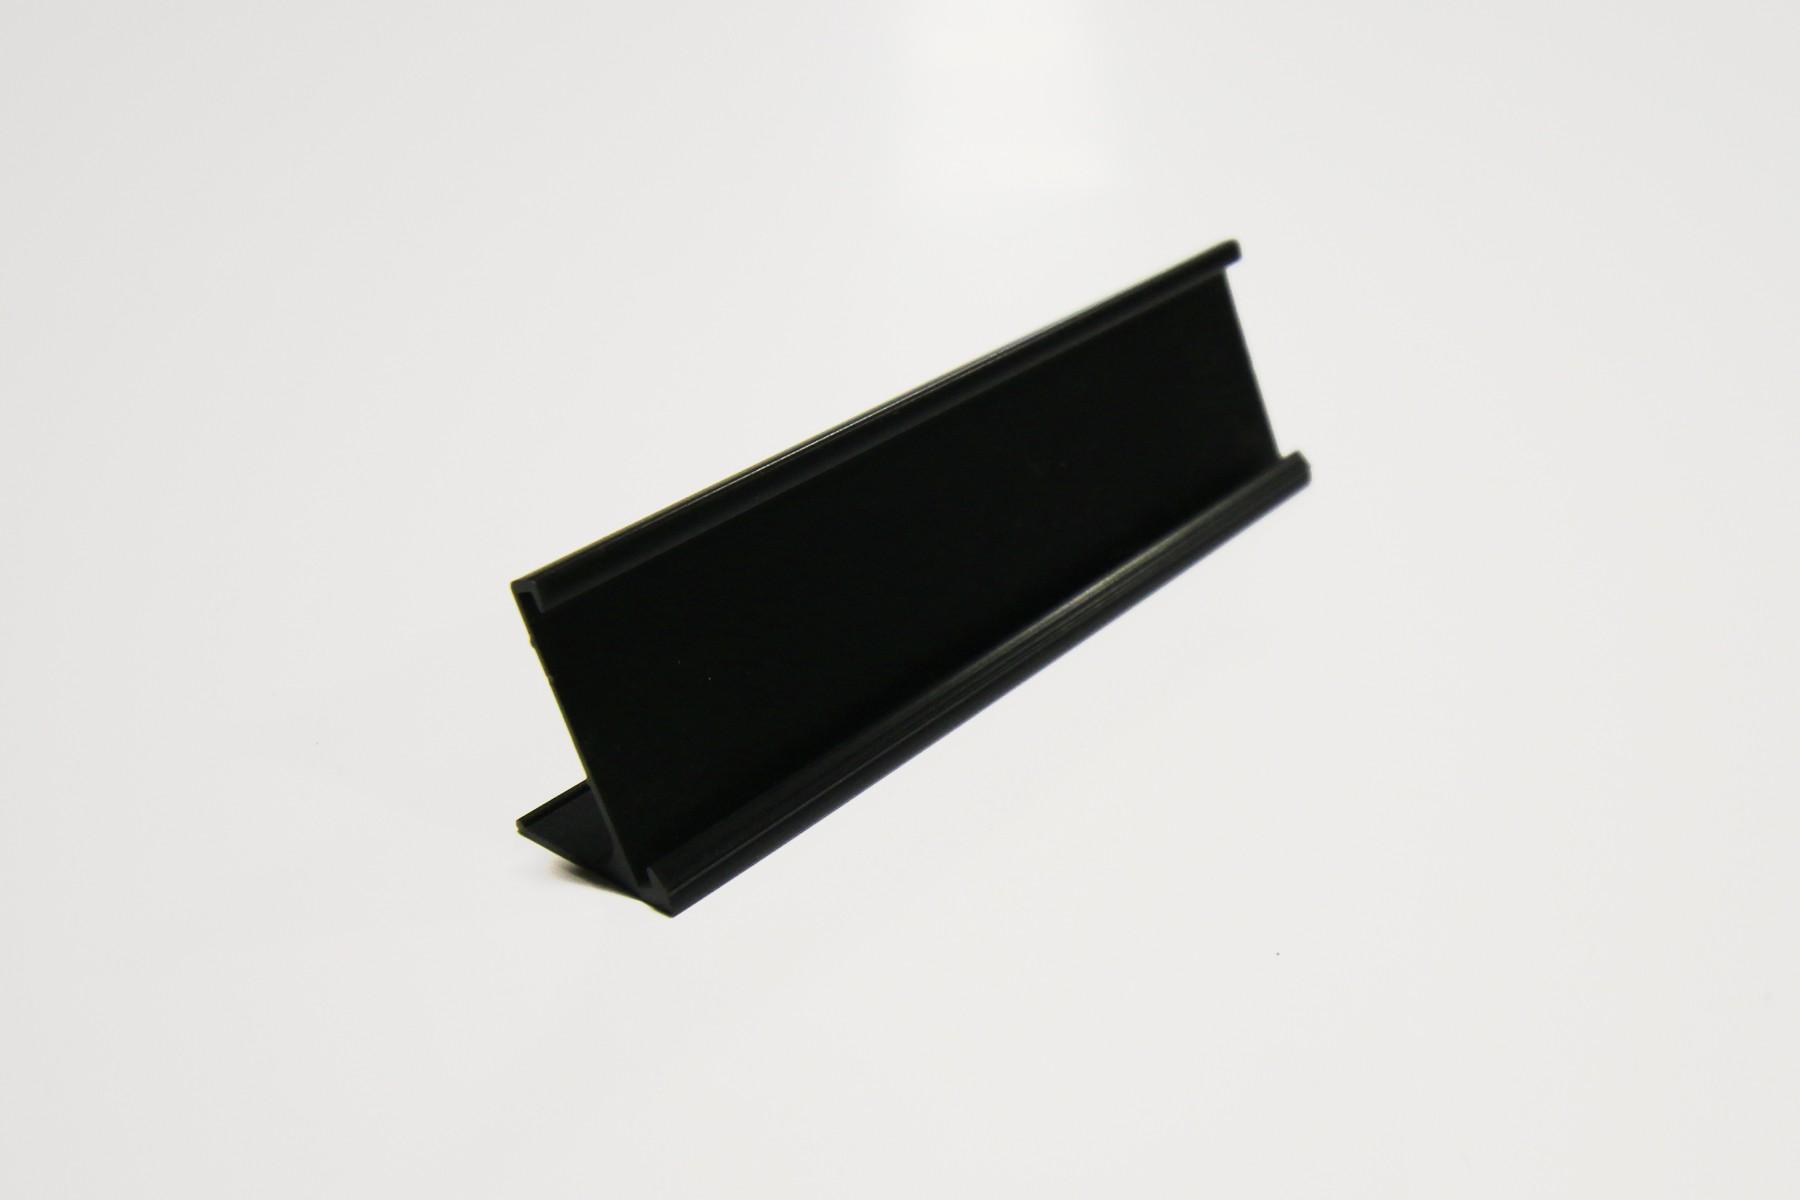 1 x 8 Desk Holder, Black